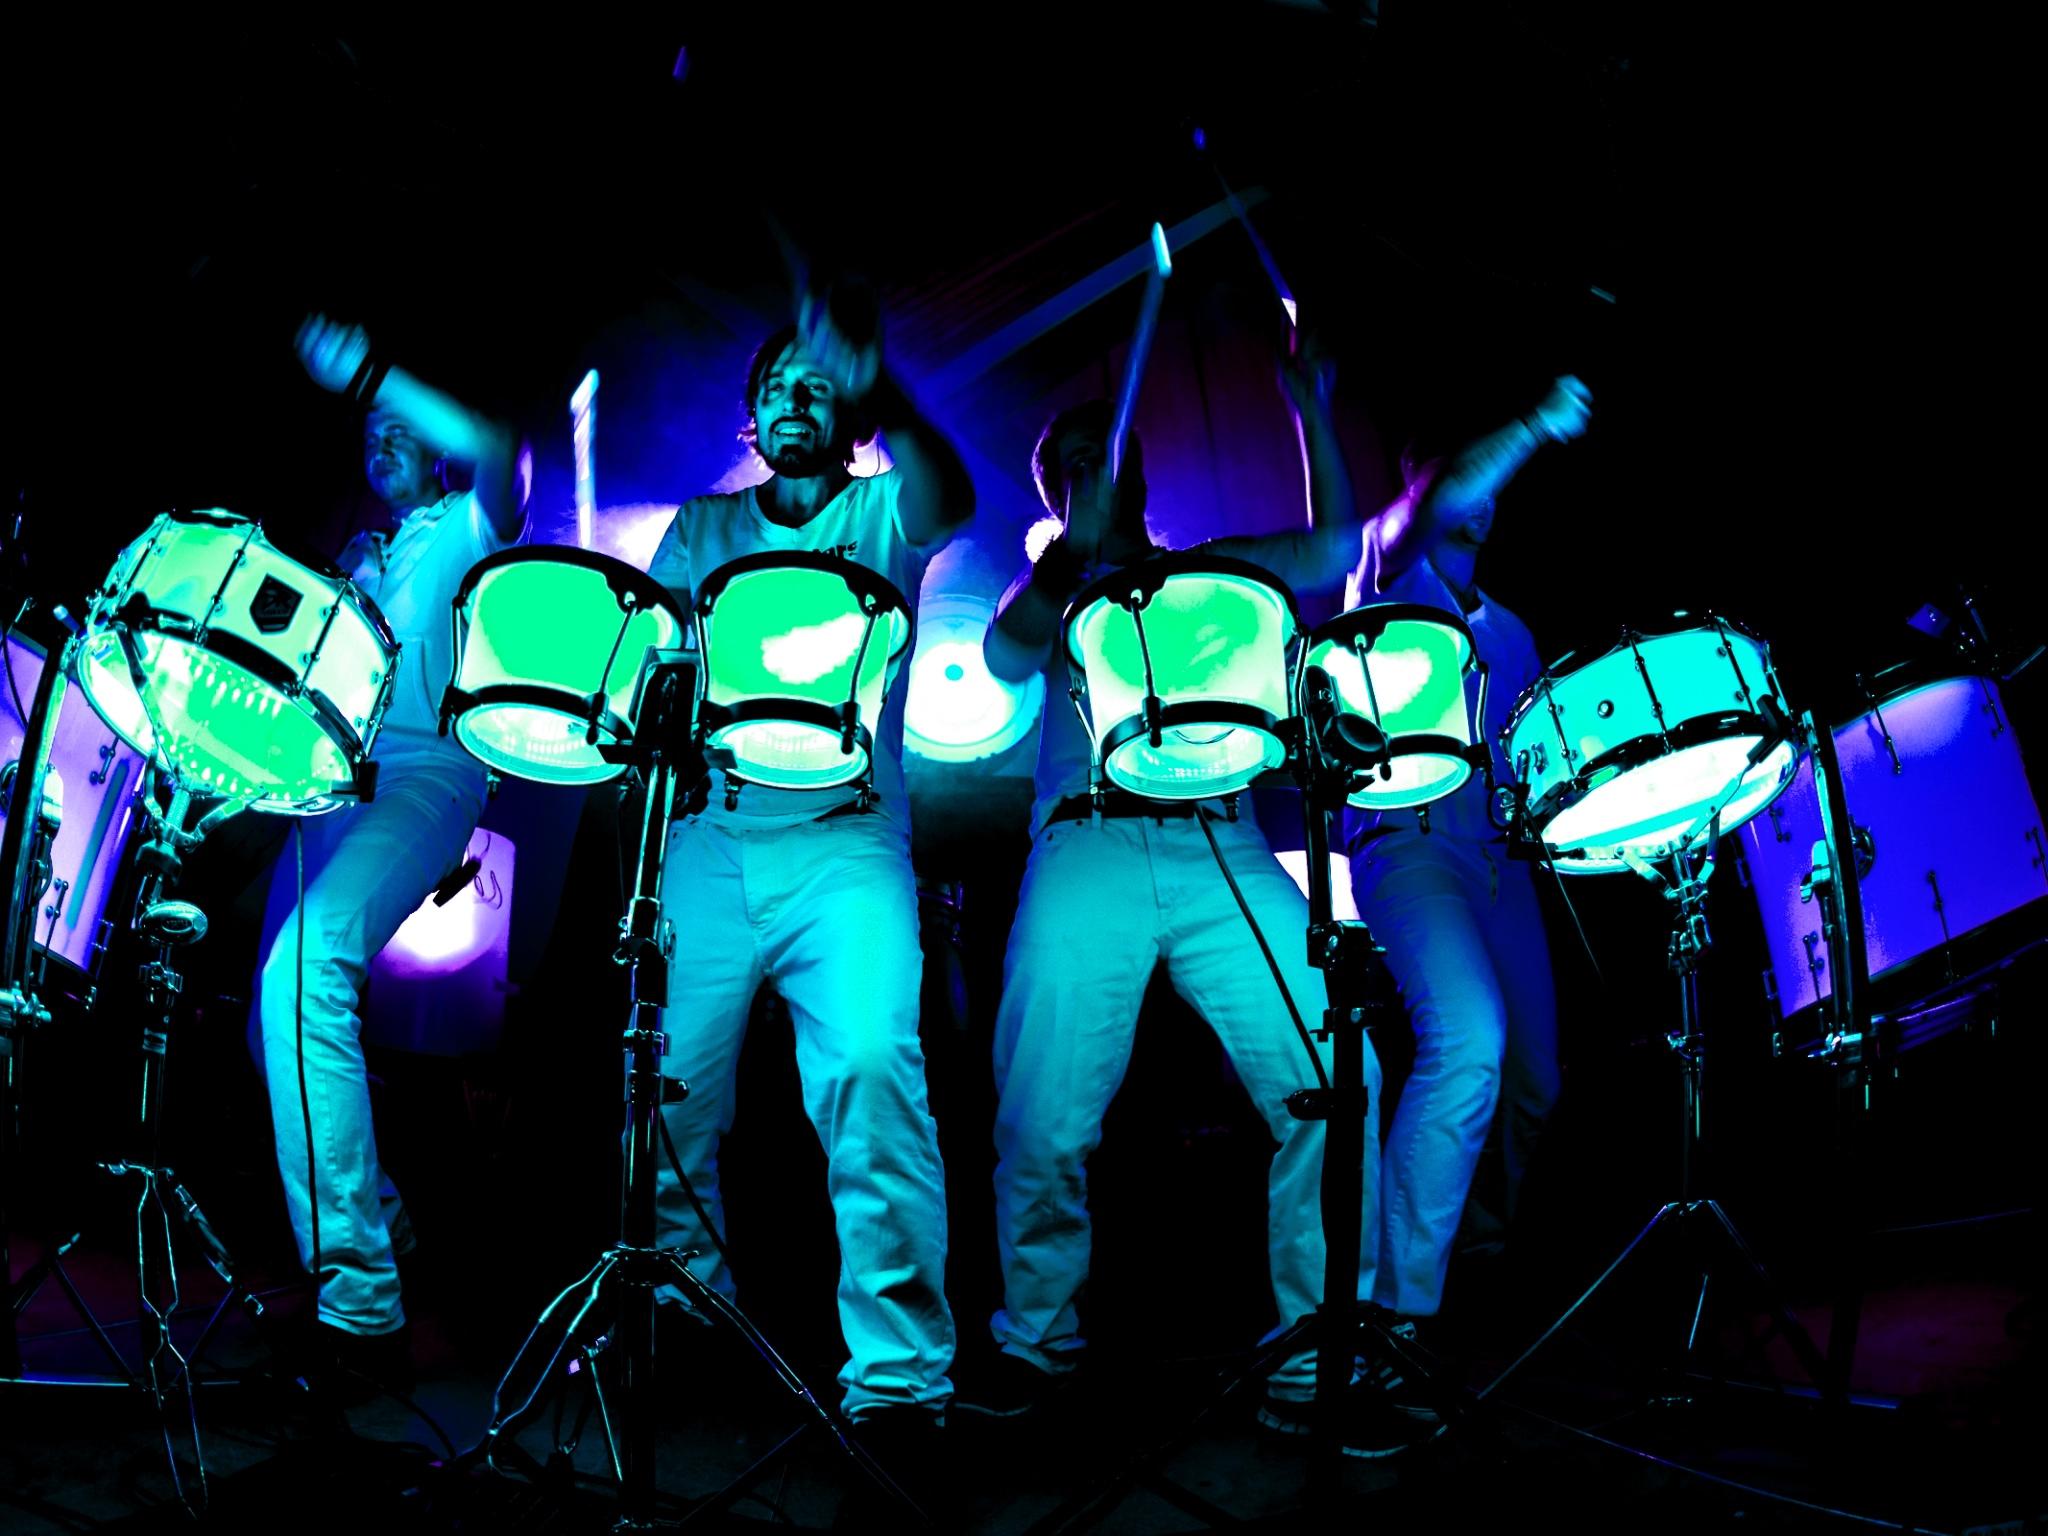 Drum-Stars bei ihrem spektakulären Auftritt. Foto: Daniel Sommer